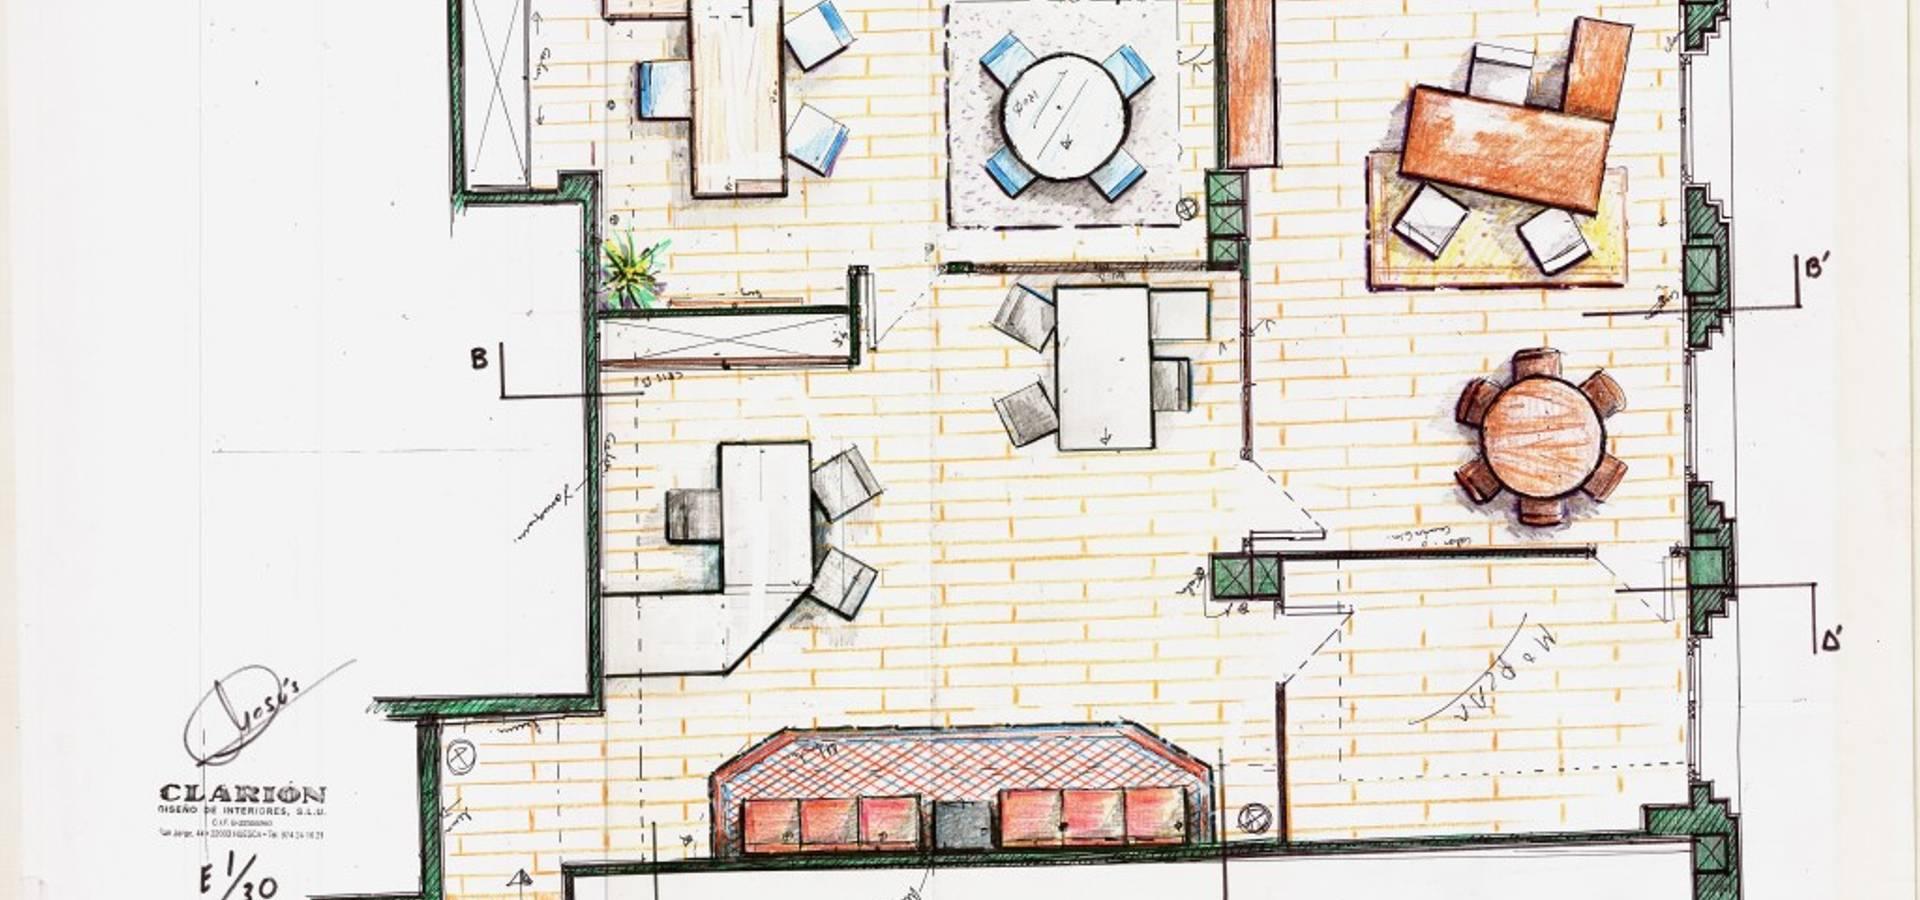 Clarion – acotrazio d'interiors S.L.U